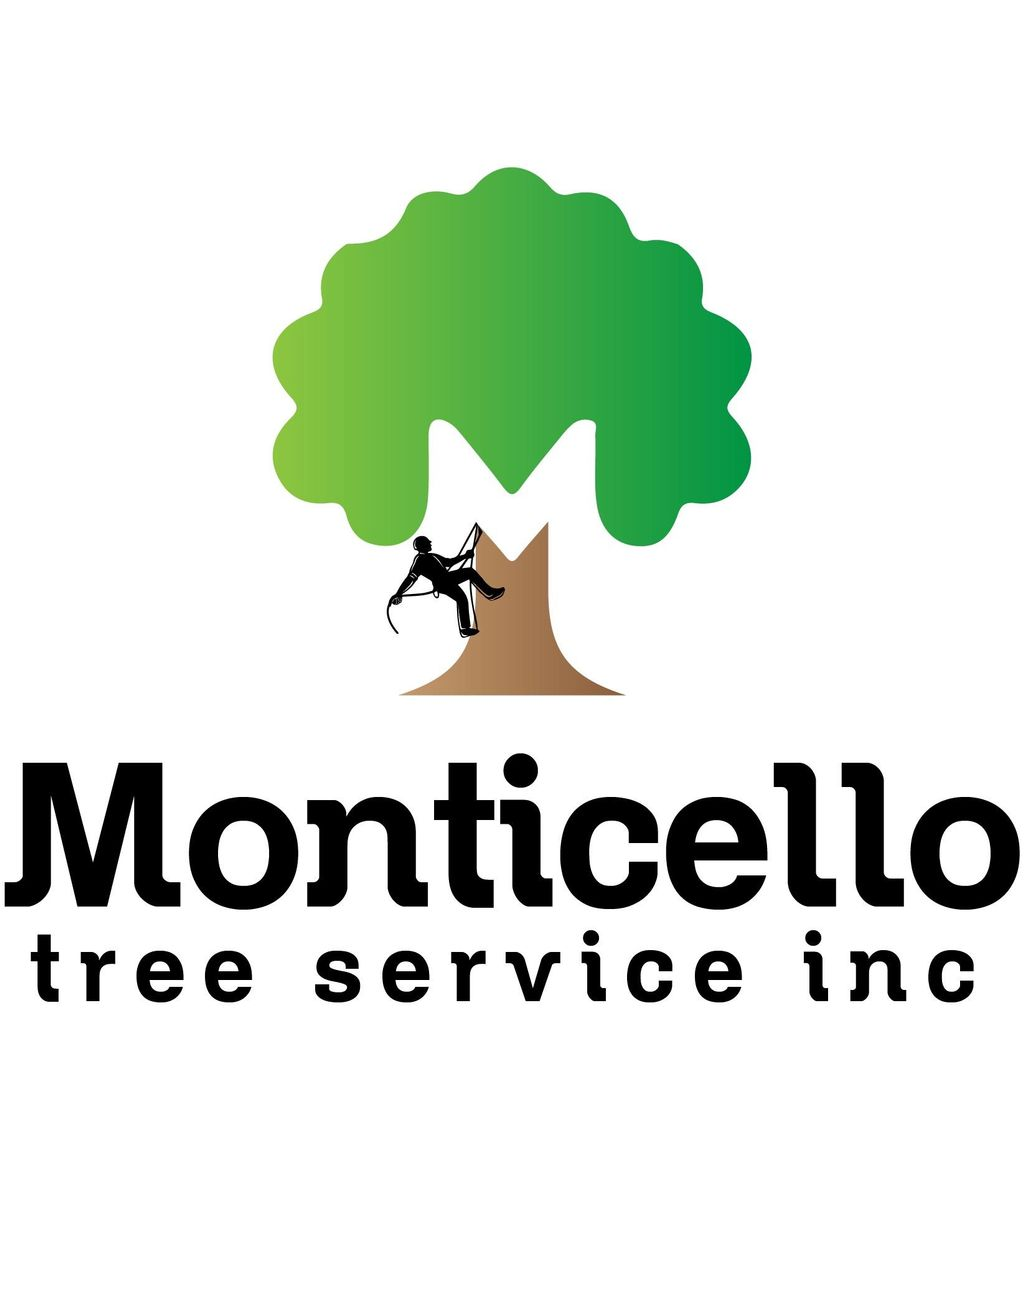 Monticello  tree service inc